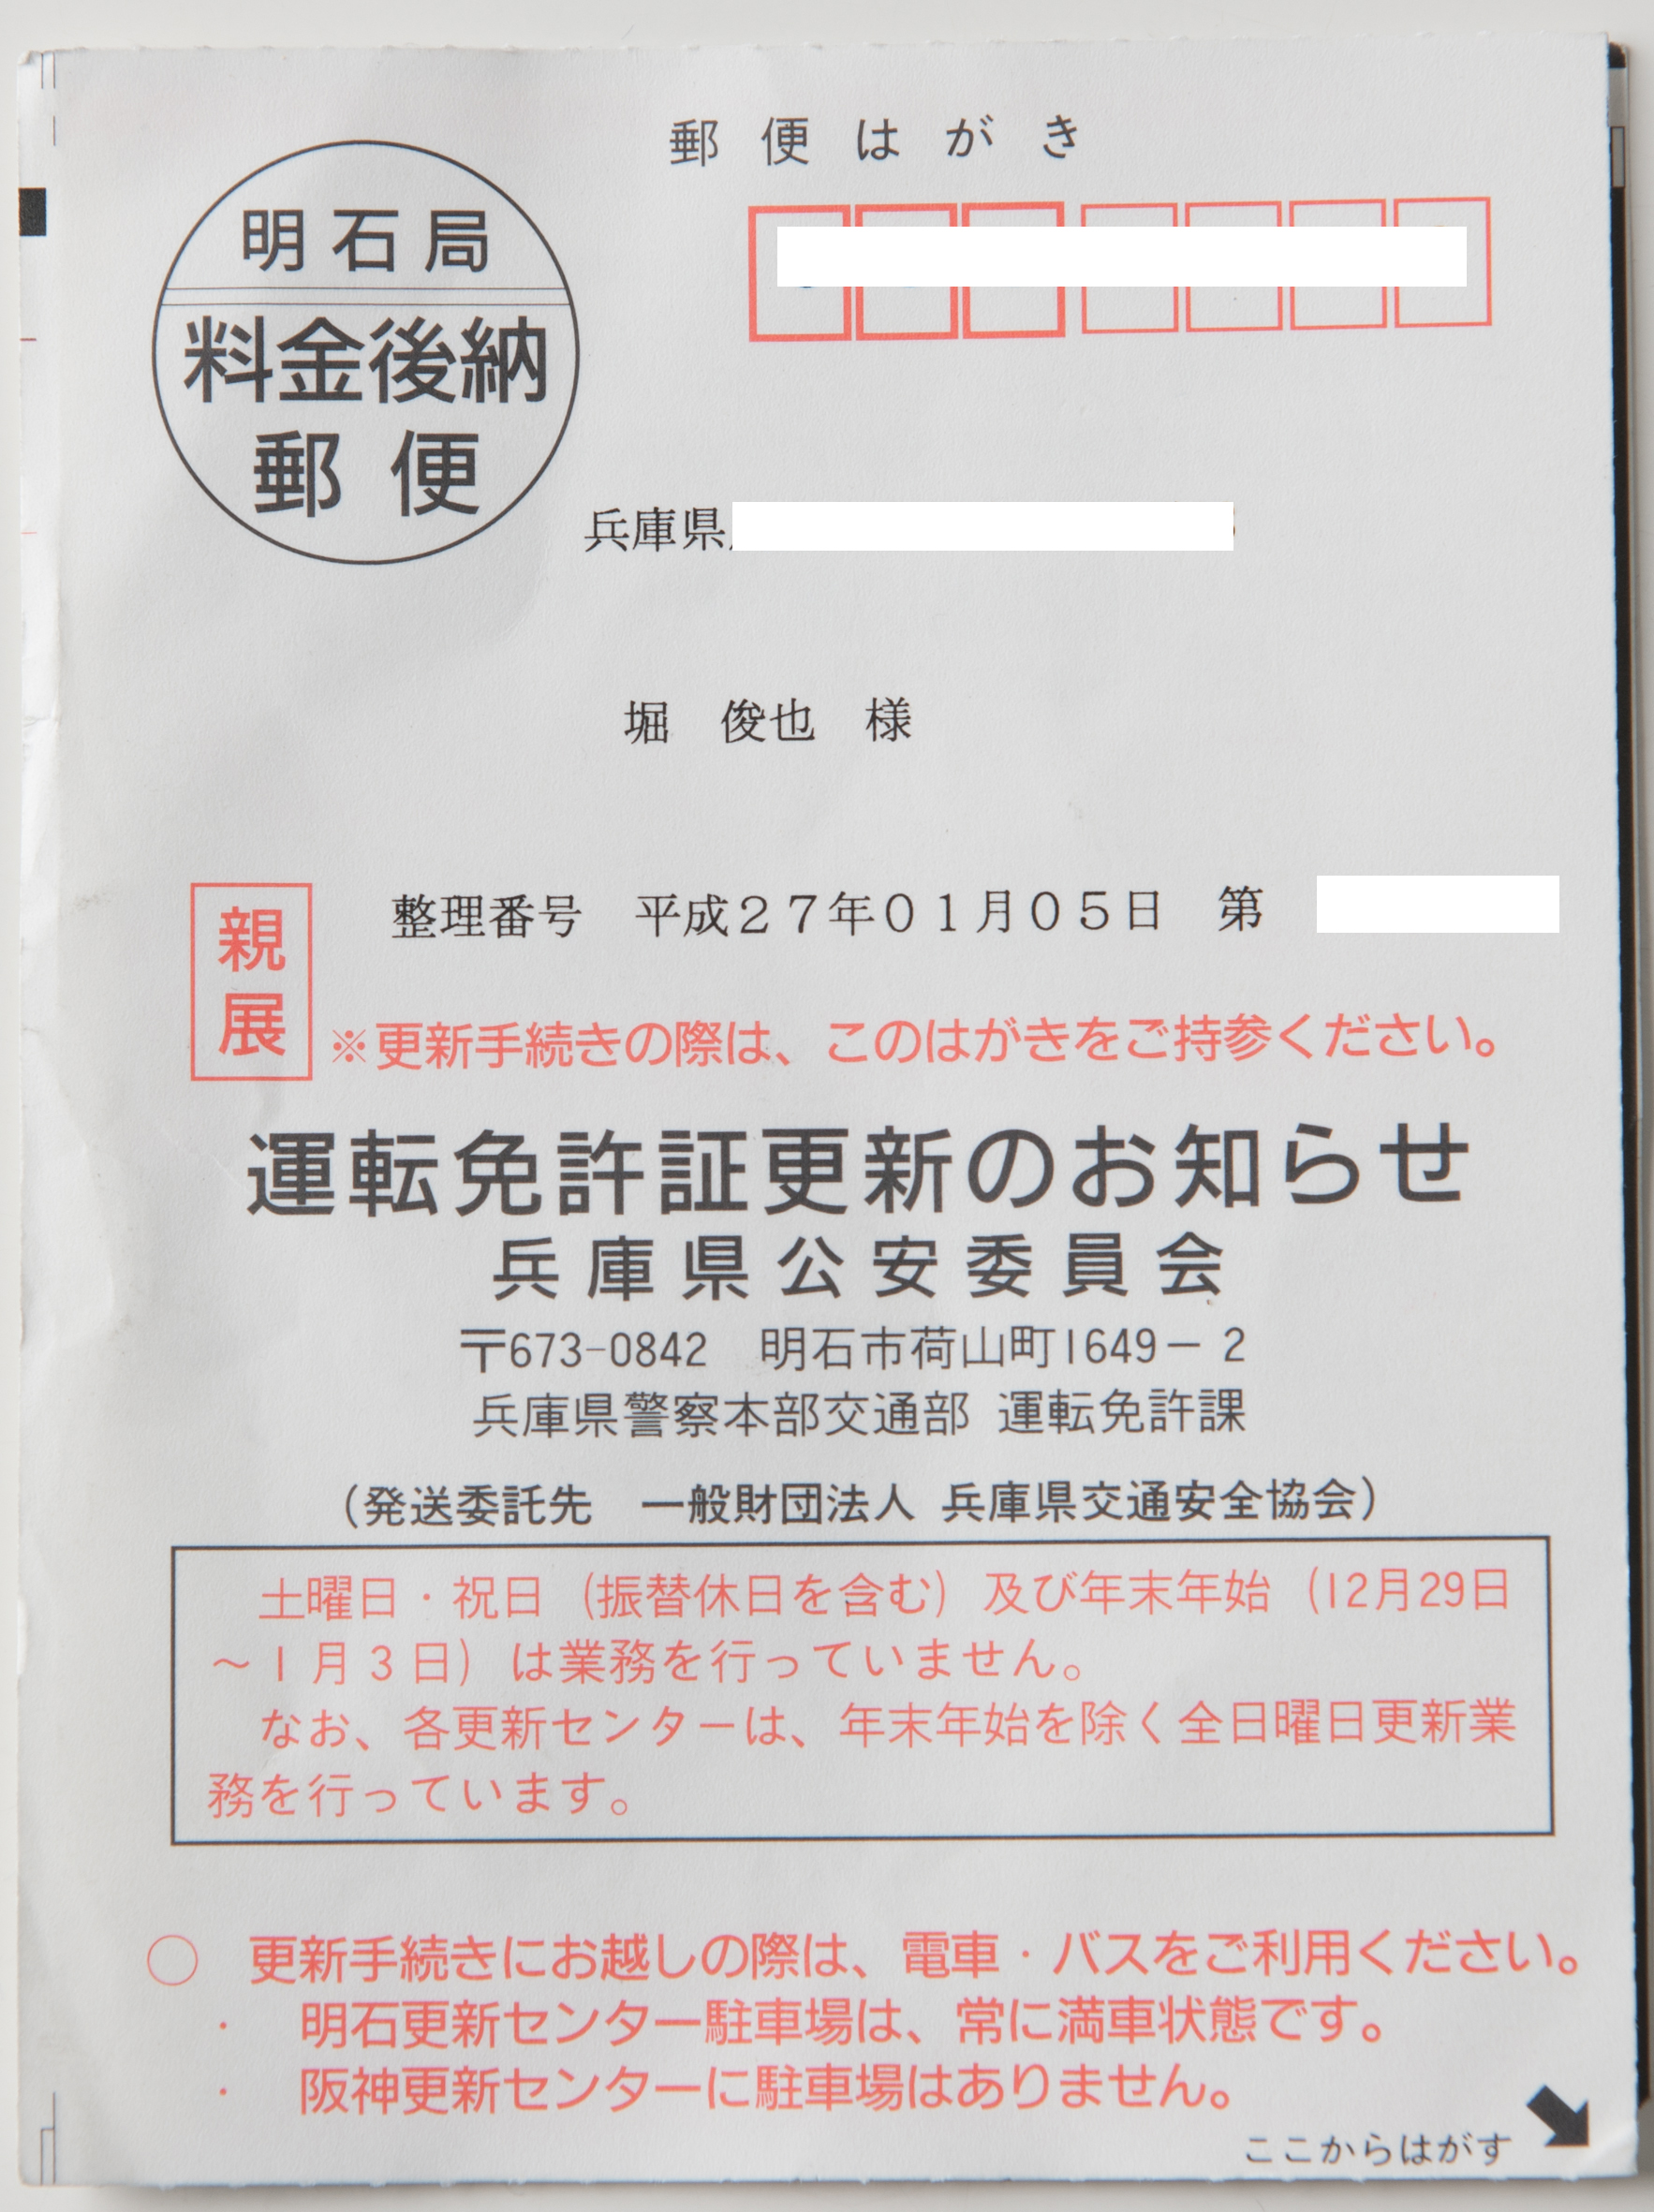 兵庫県免許更新